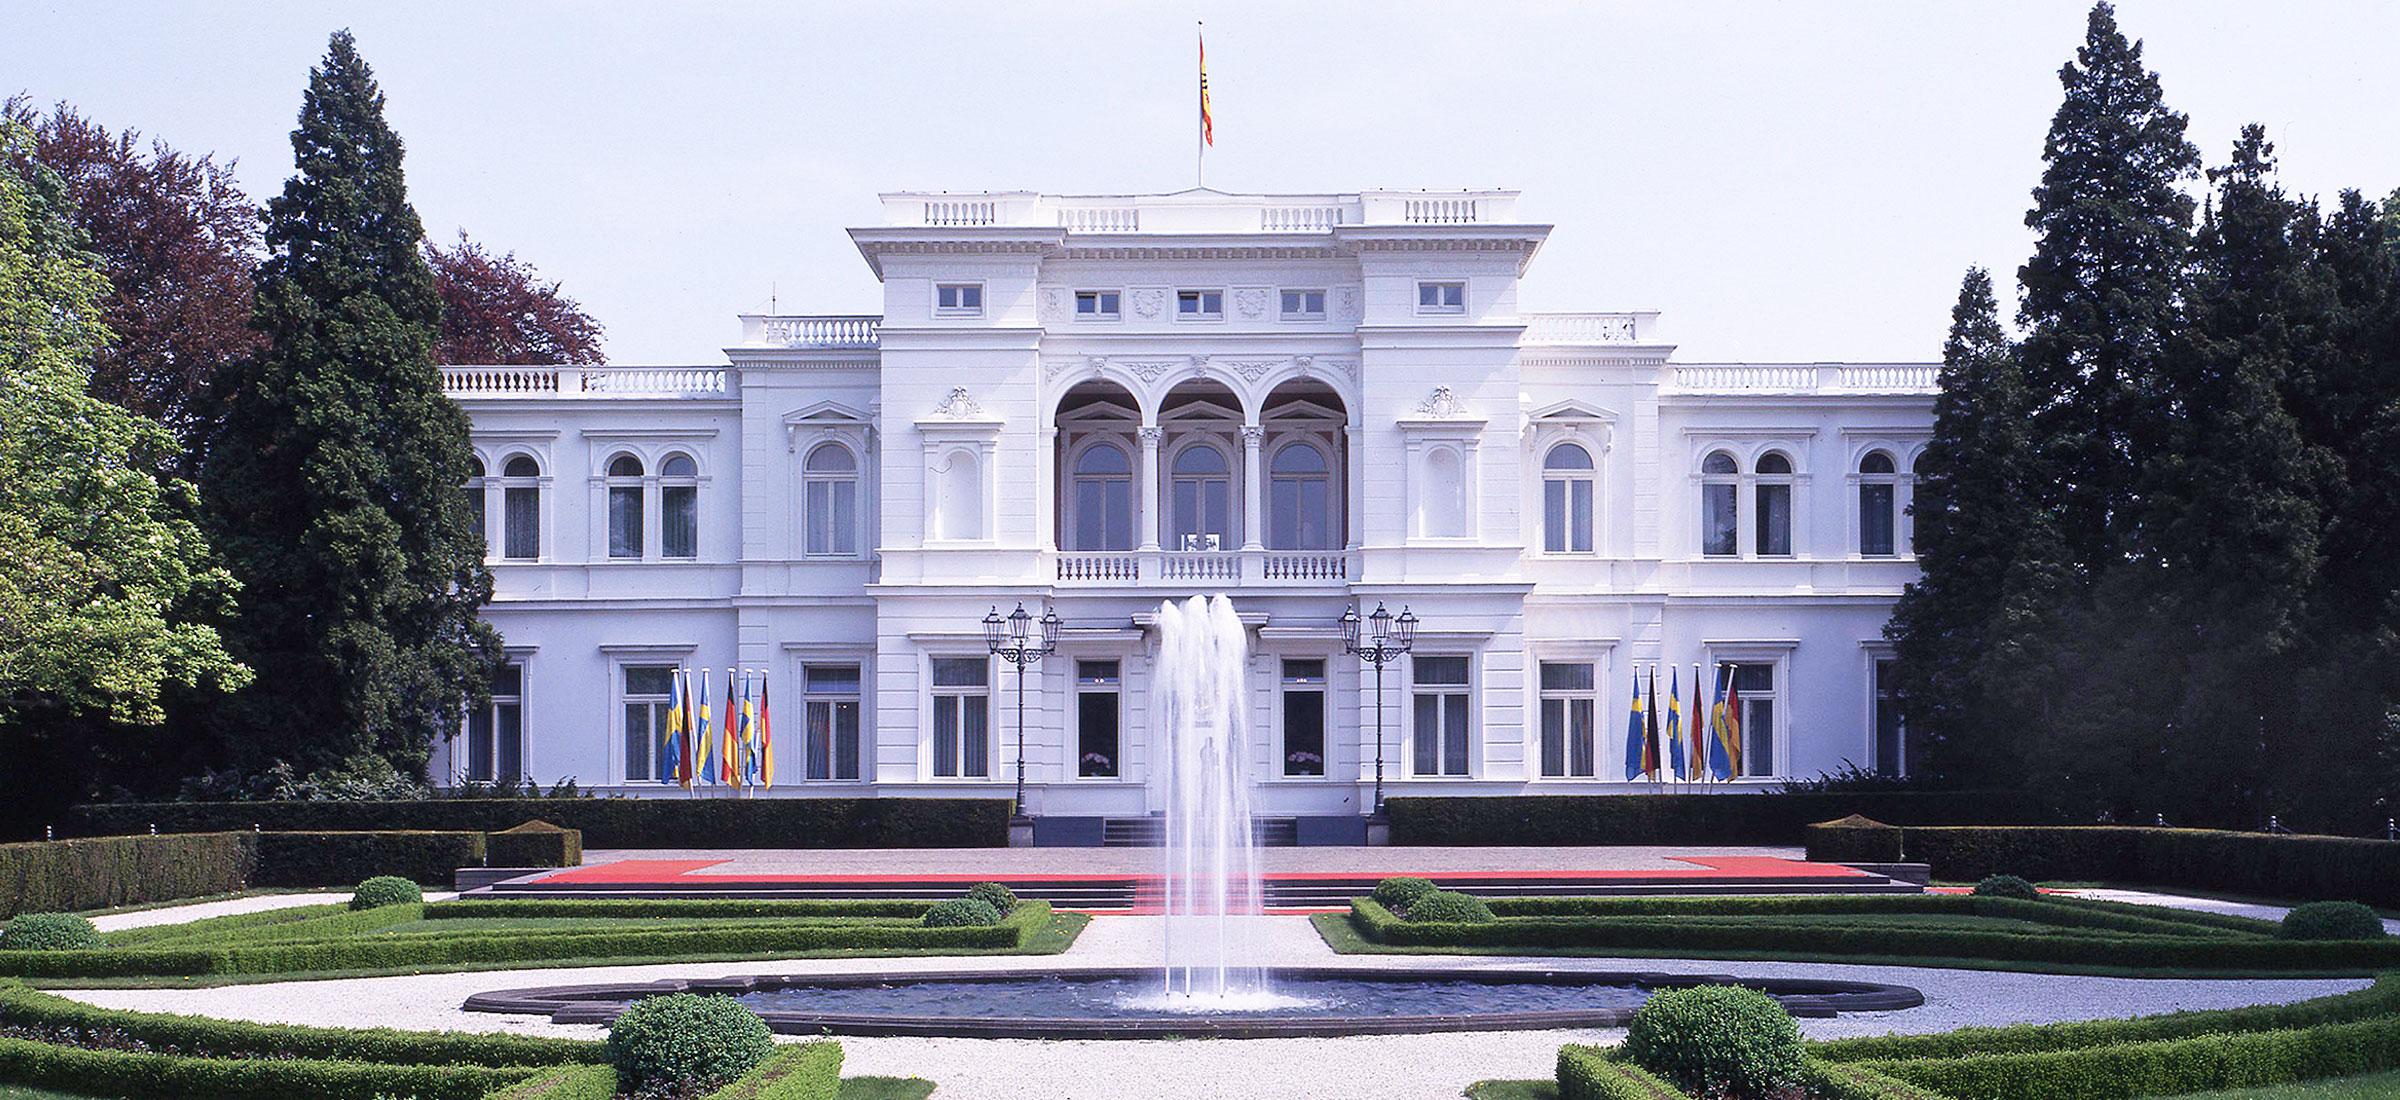 Fassaden, Wand, Villa Hammerschmidt